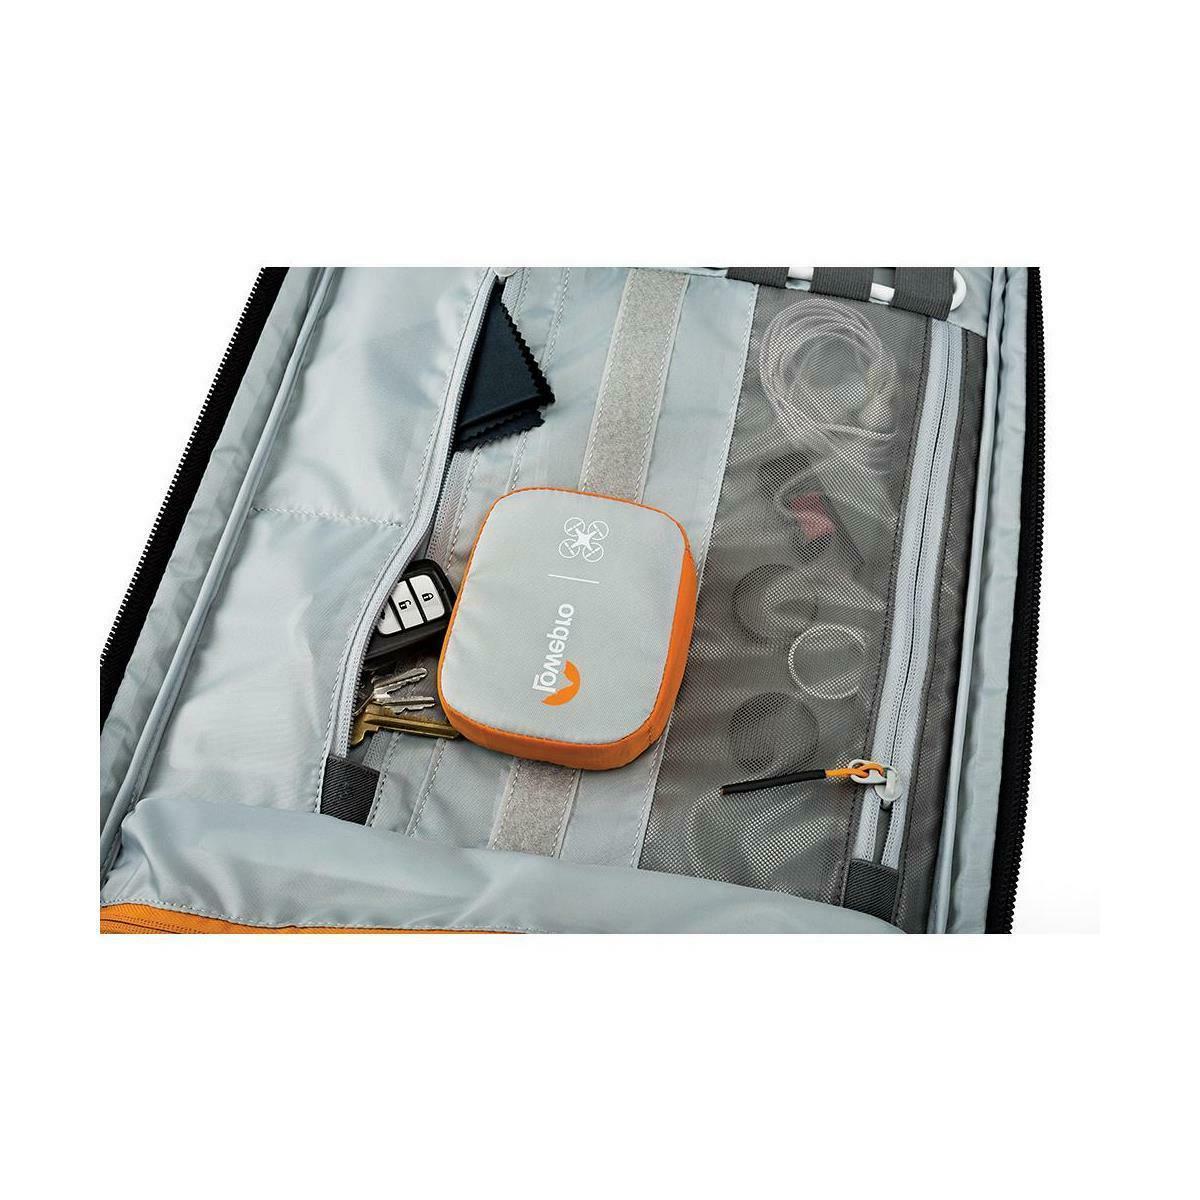 Lowepro DroneGuard Camera Bag Backpack DJI Drone